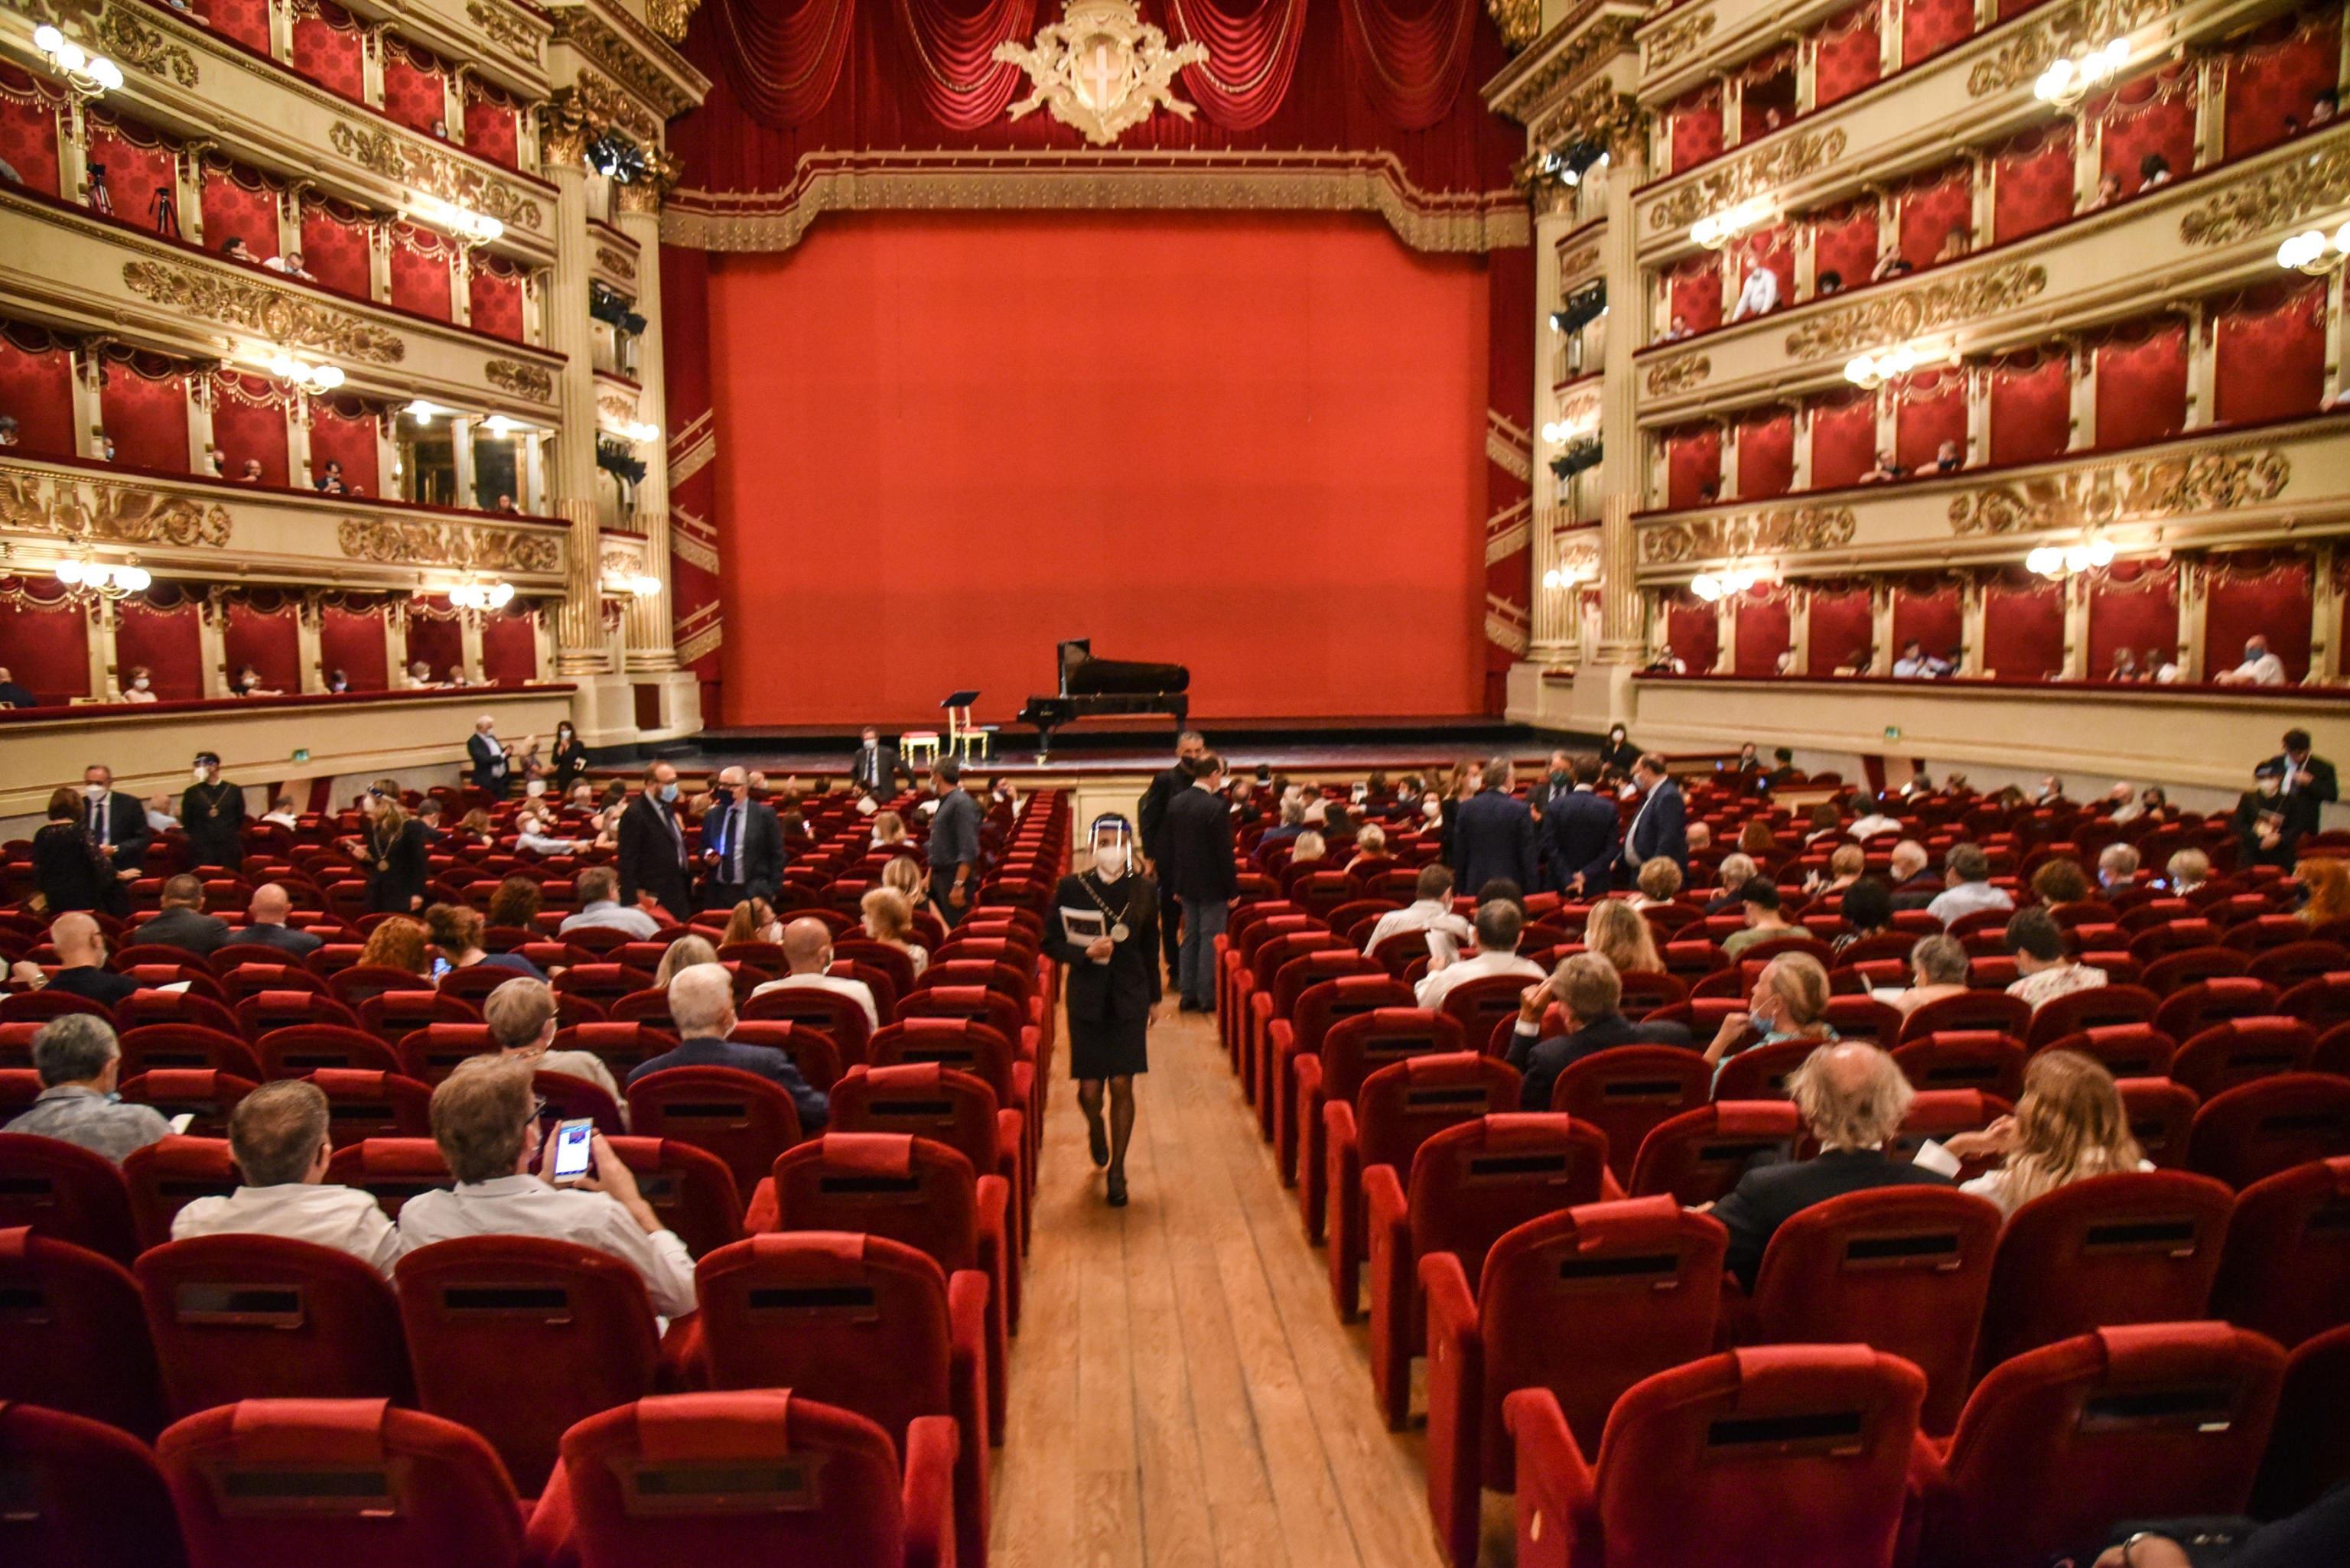 Teatro alla Scala, rinviata la presentazione della nuova stagione